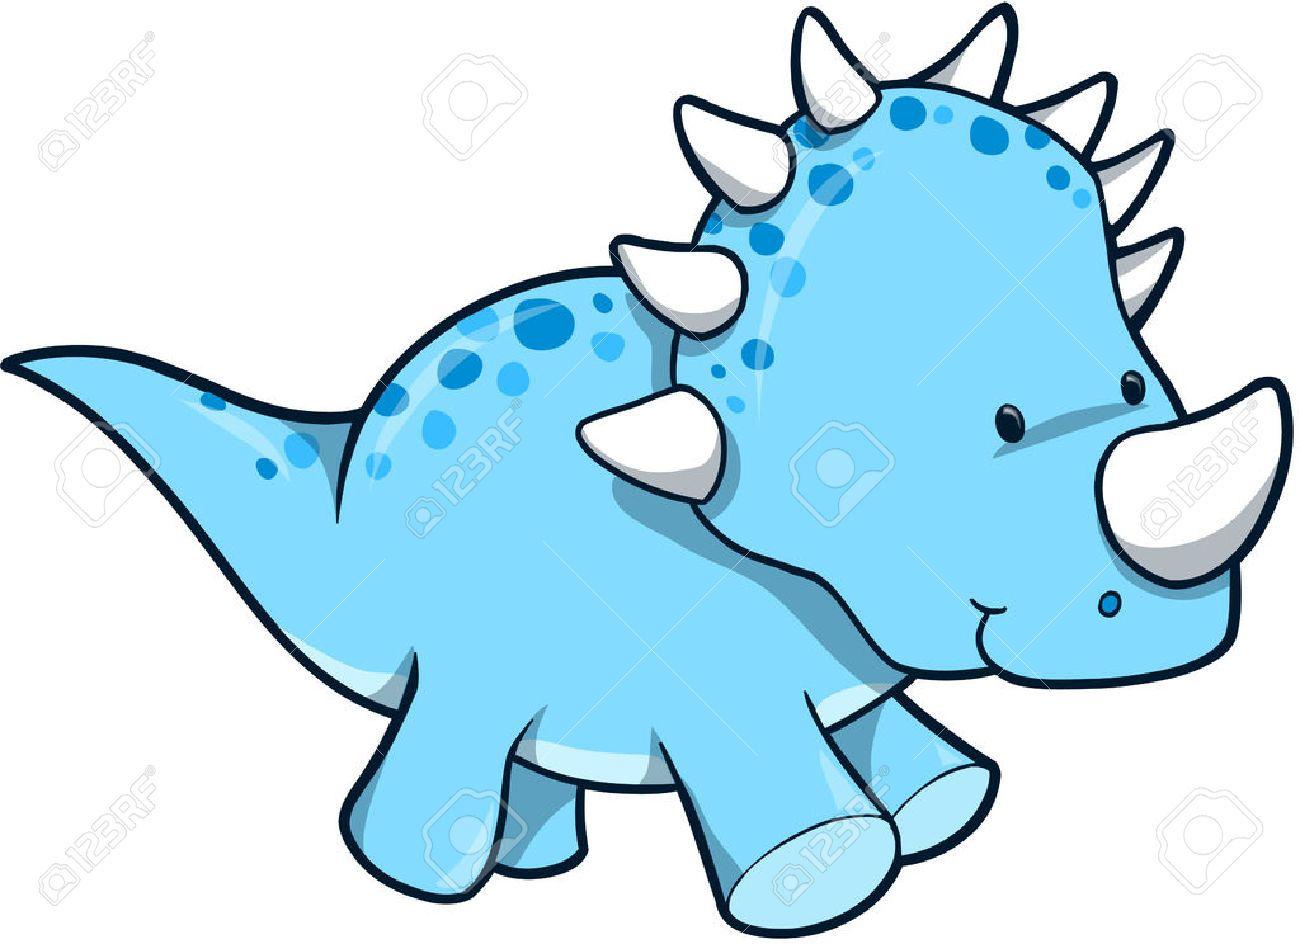 medium resolution of blue dinosaur vector illustration royalty free cliparts vectors